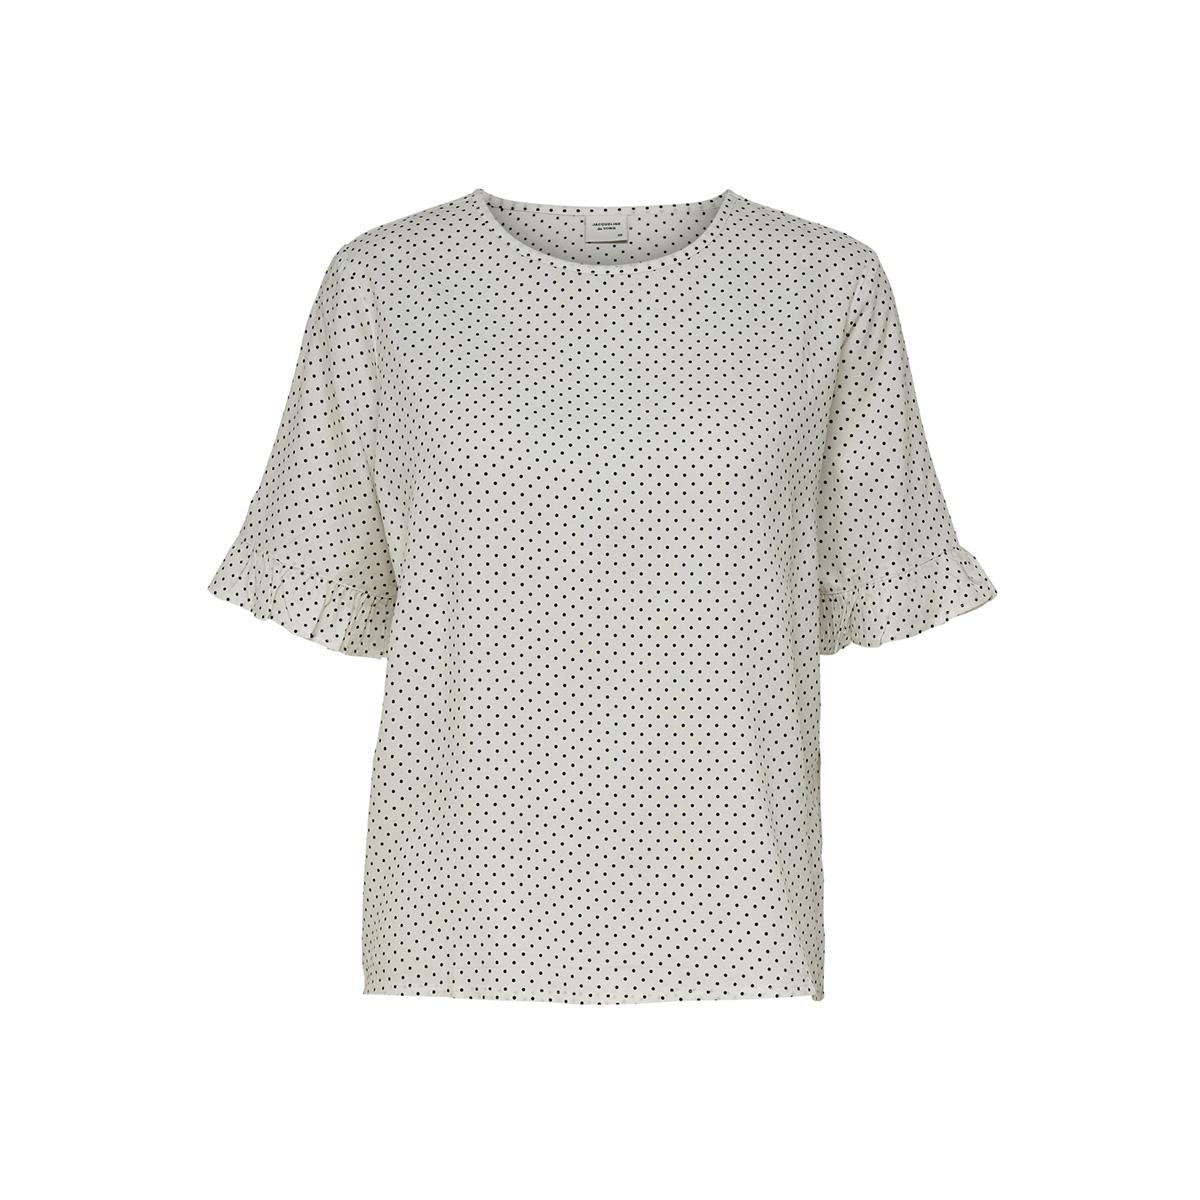 jdyiggy 2/4 top wvn 15174602 jacqueline de yong t-shirt cloud dancer/small black